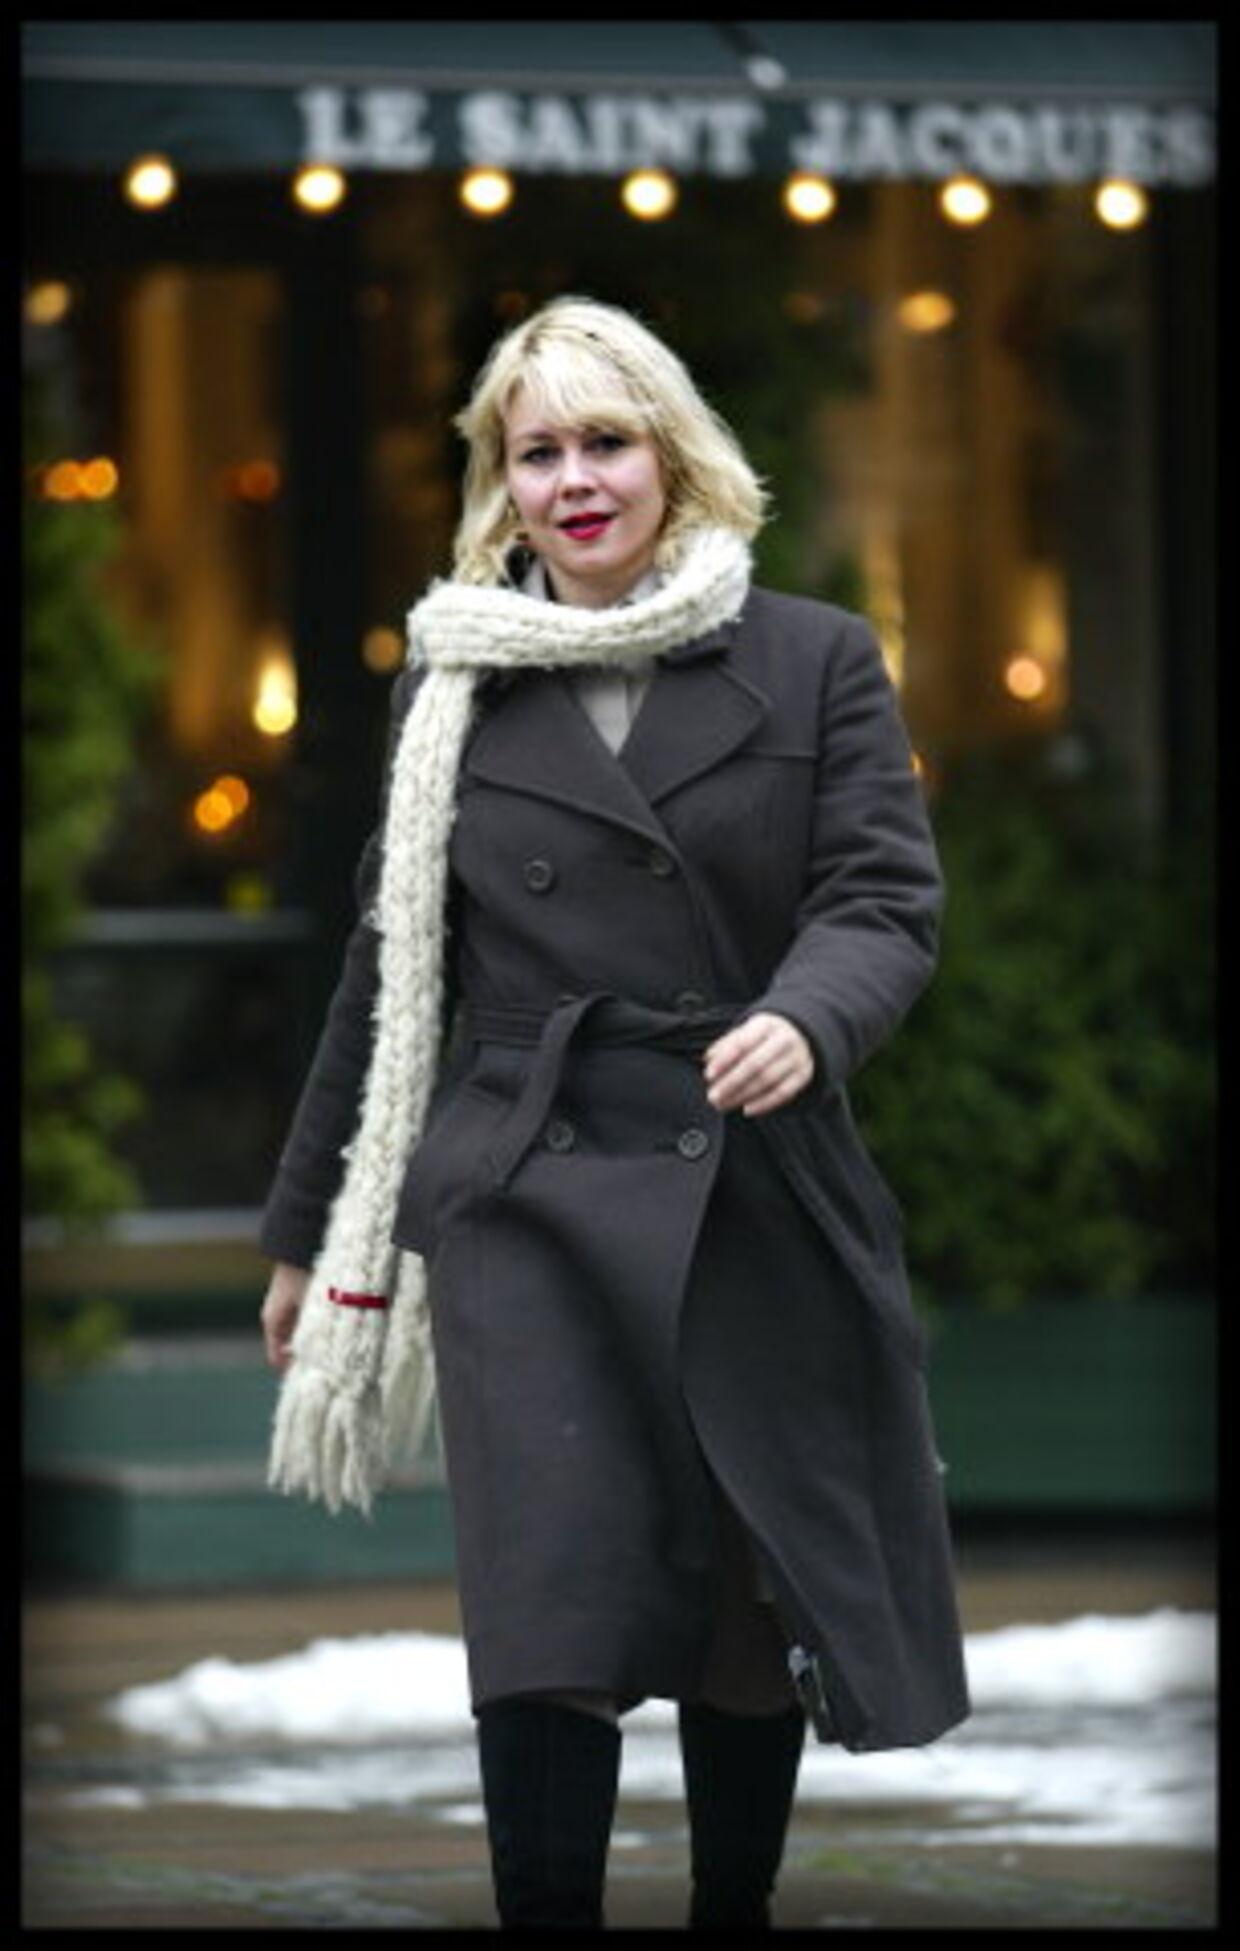 """Selv om Krøniken-skuespilleren Anne Louise Hassing frivilligt smed kludene i filmen """"Idioterne"""" fra 1998, var det krænkende, da ugebladet Se og Hør syv år senere valgte at bringe billederne fra filmen. Arkivfoto: Jørgen Jessen"""